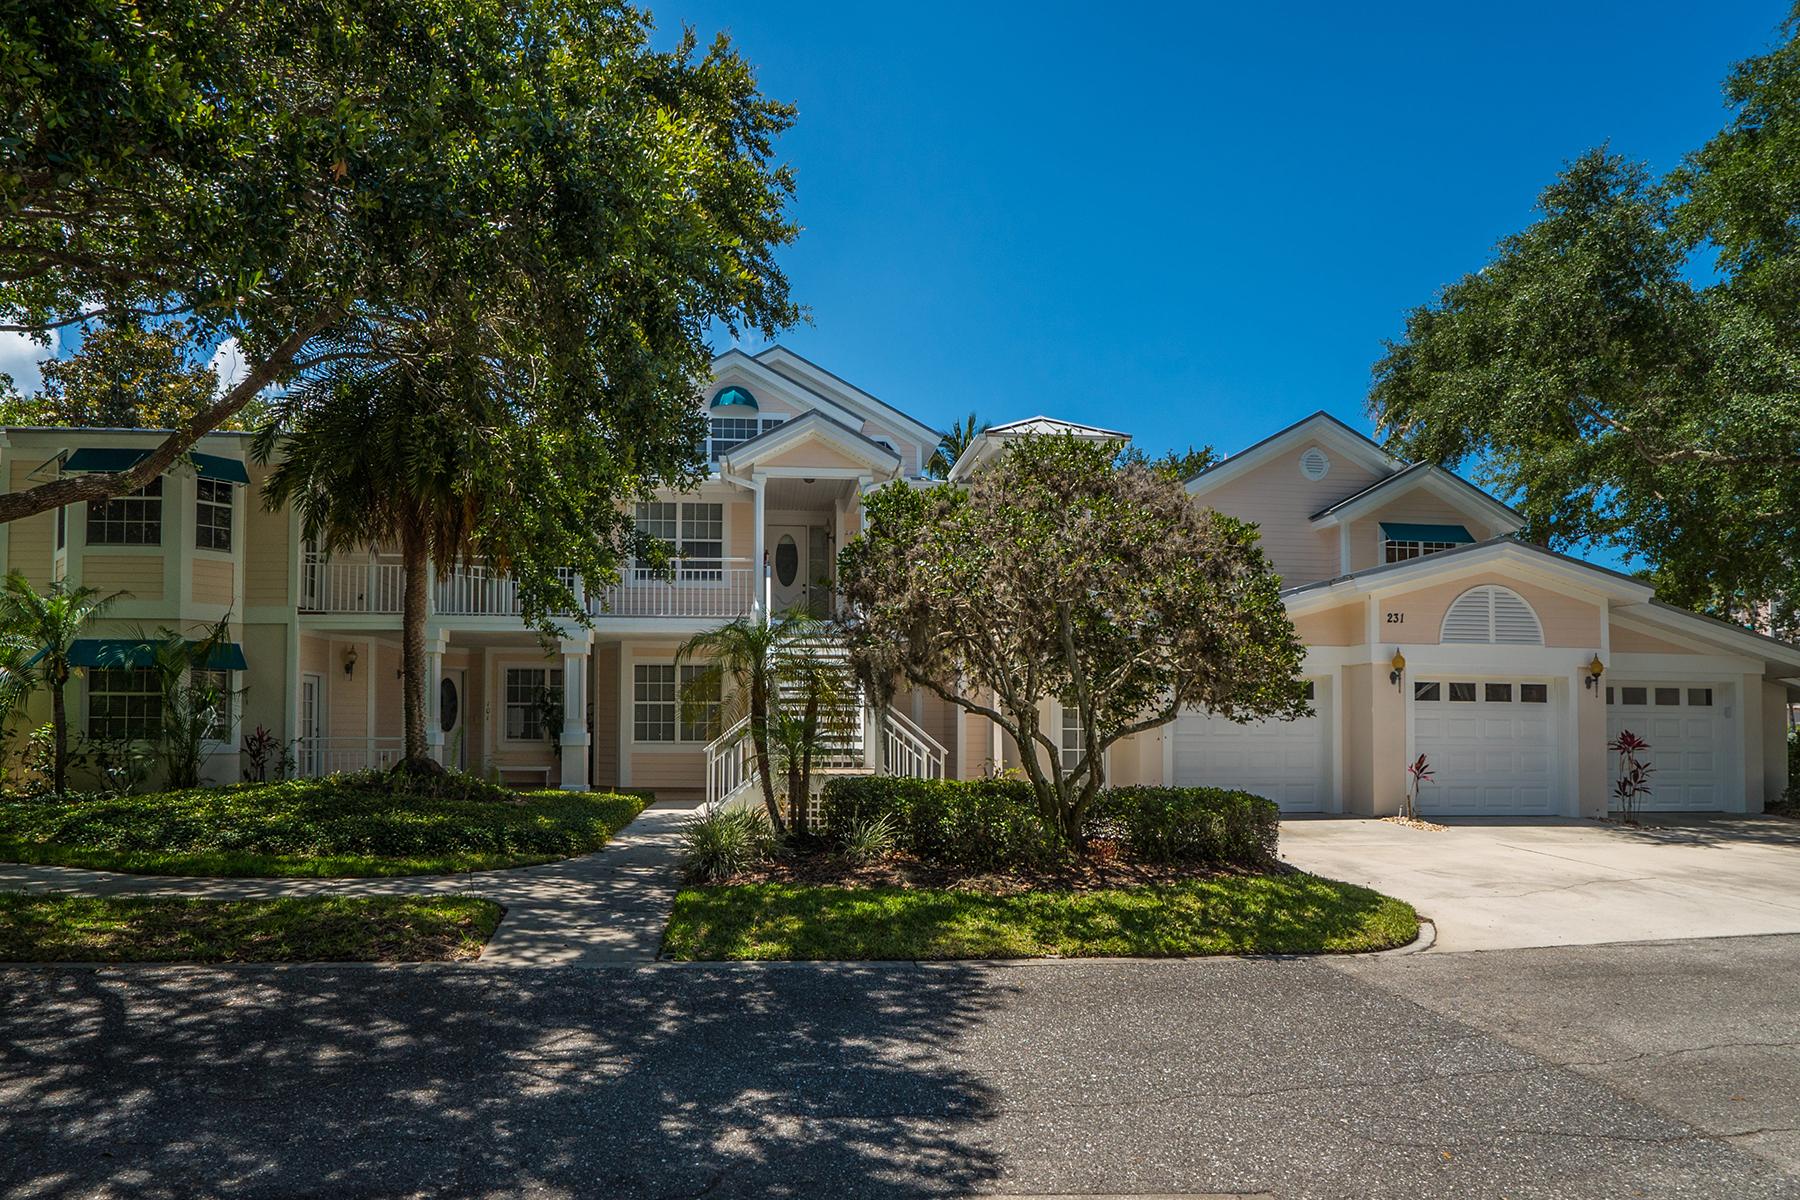 Eigentumswohnung für Verkauf beim HIDDEN BAY - OSPREY 231 N Hidden Bay Dr 201 Osprey, Florida, 34229 Vereinigte Staaten